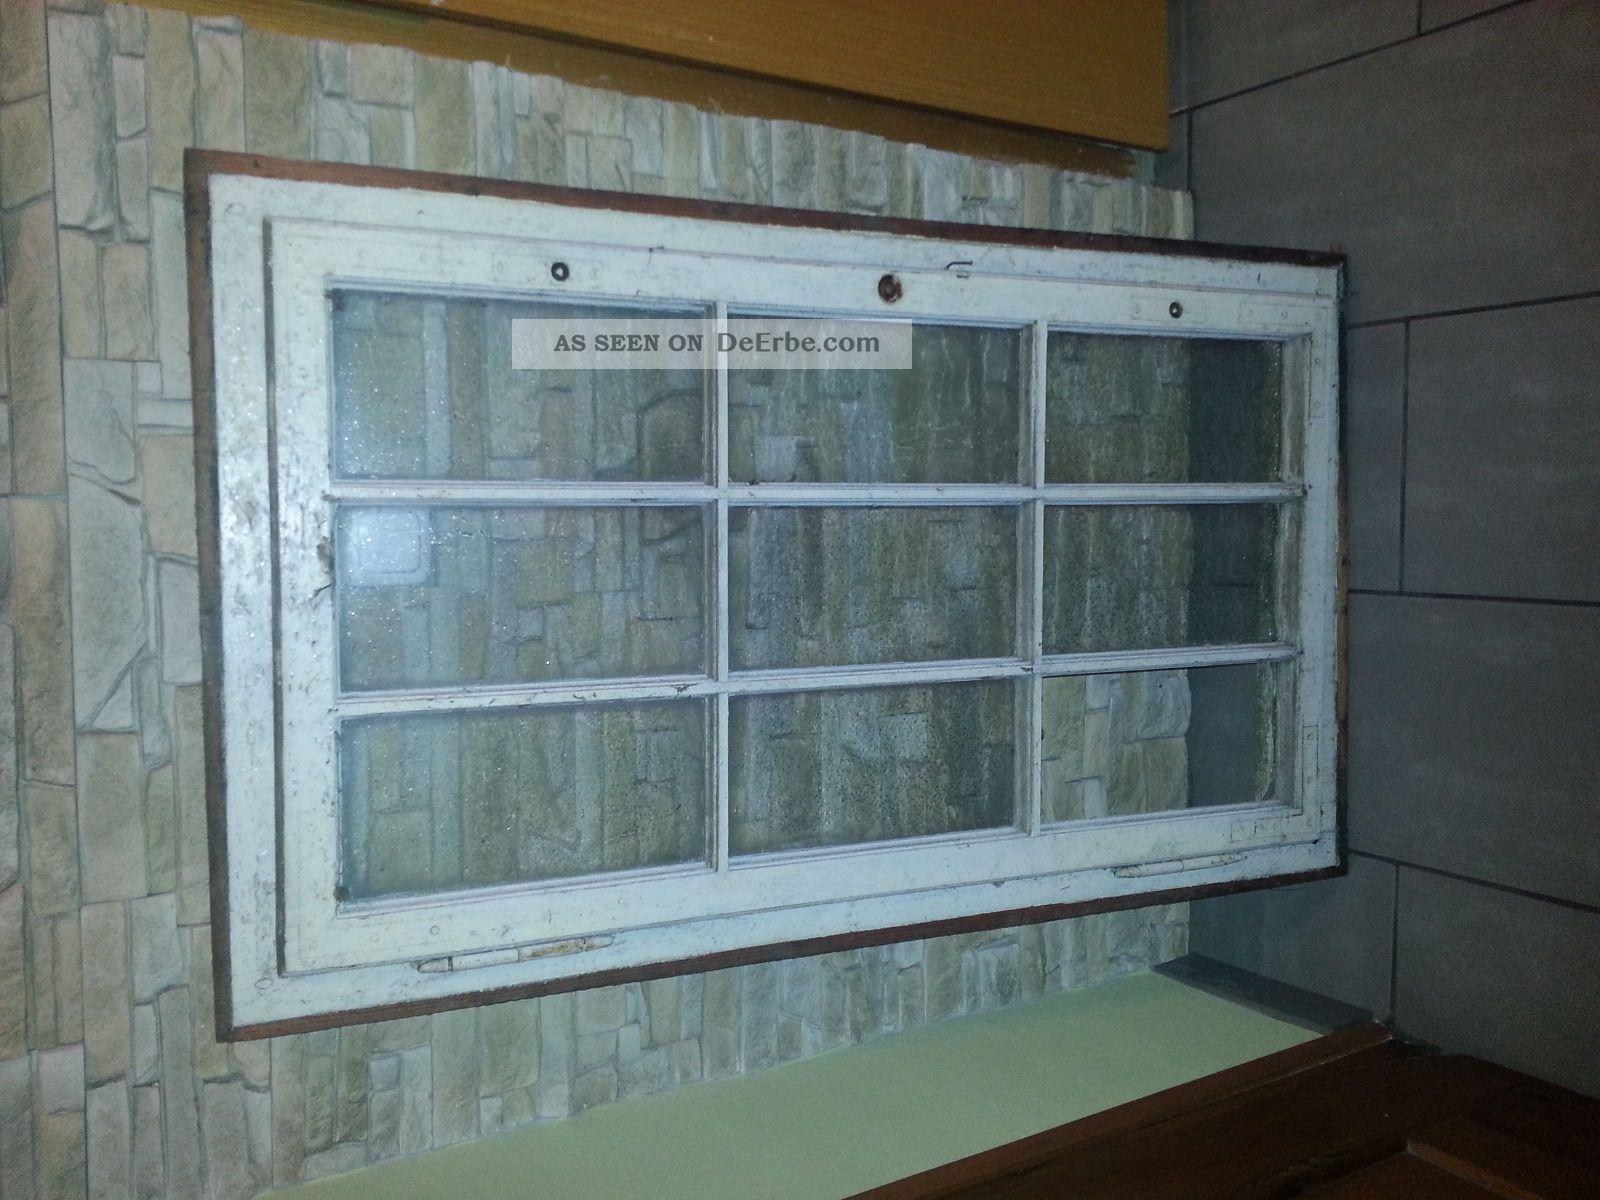 Fenster Rahmen fenster antik mit rahmen